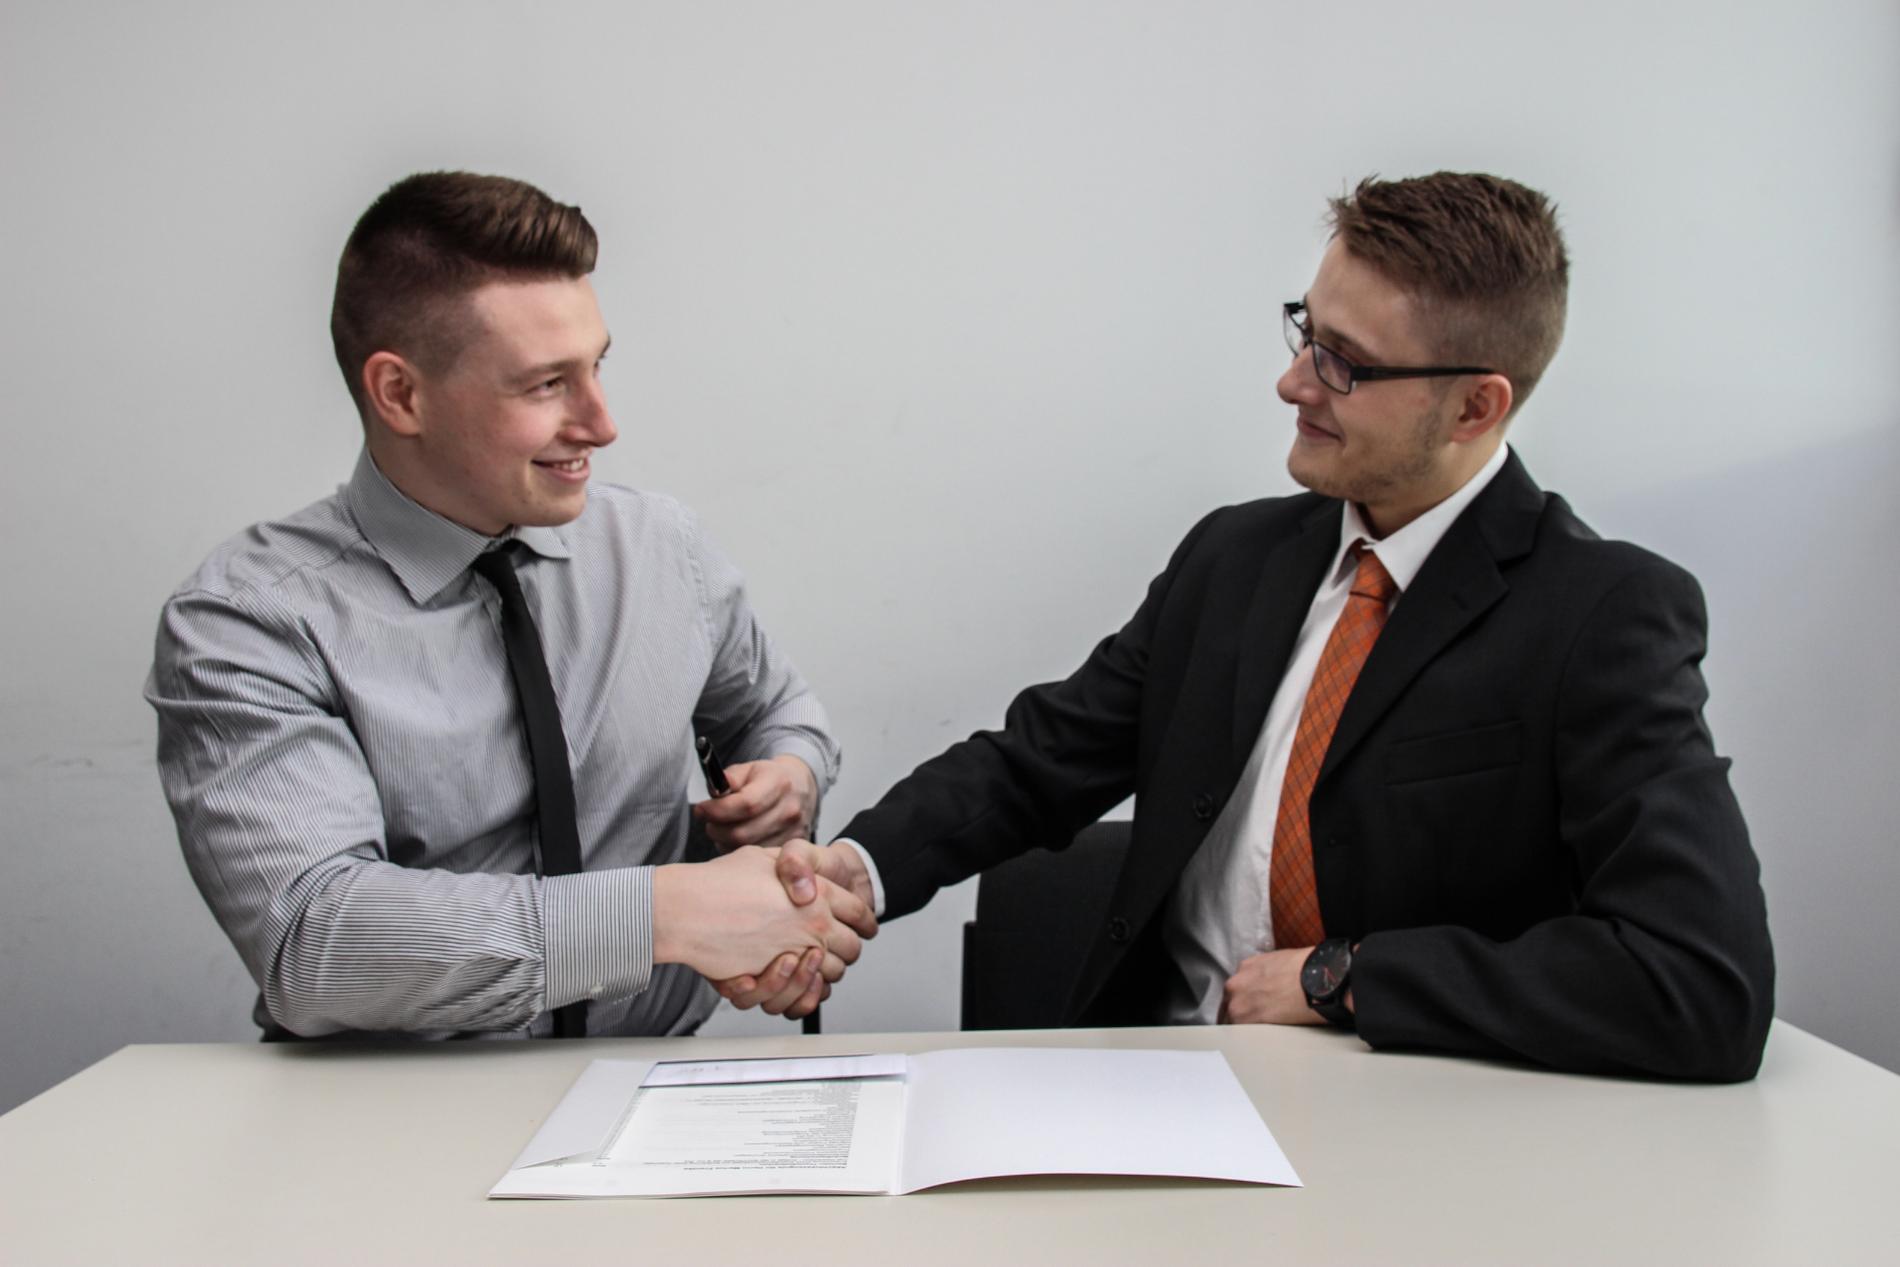 Recruitment interview ATS